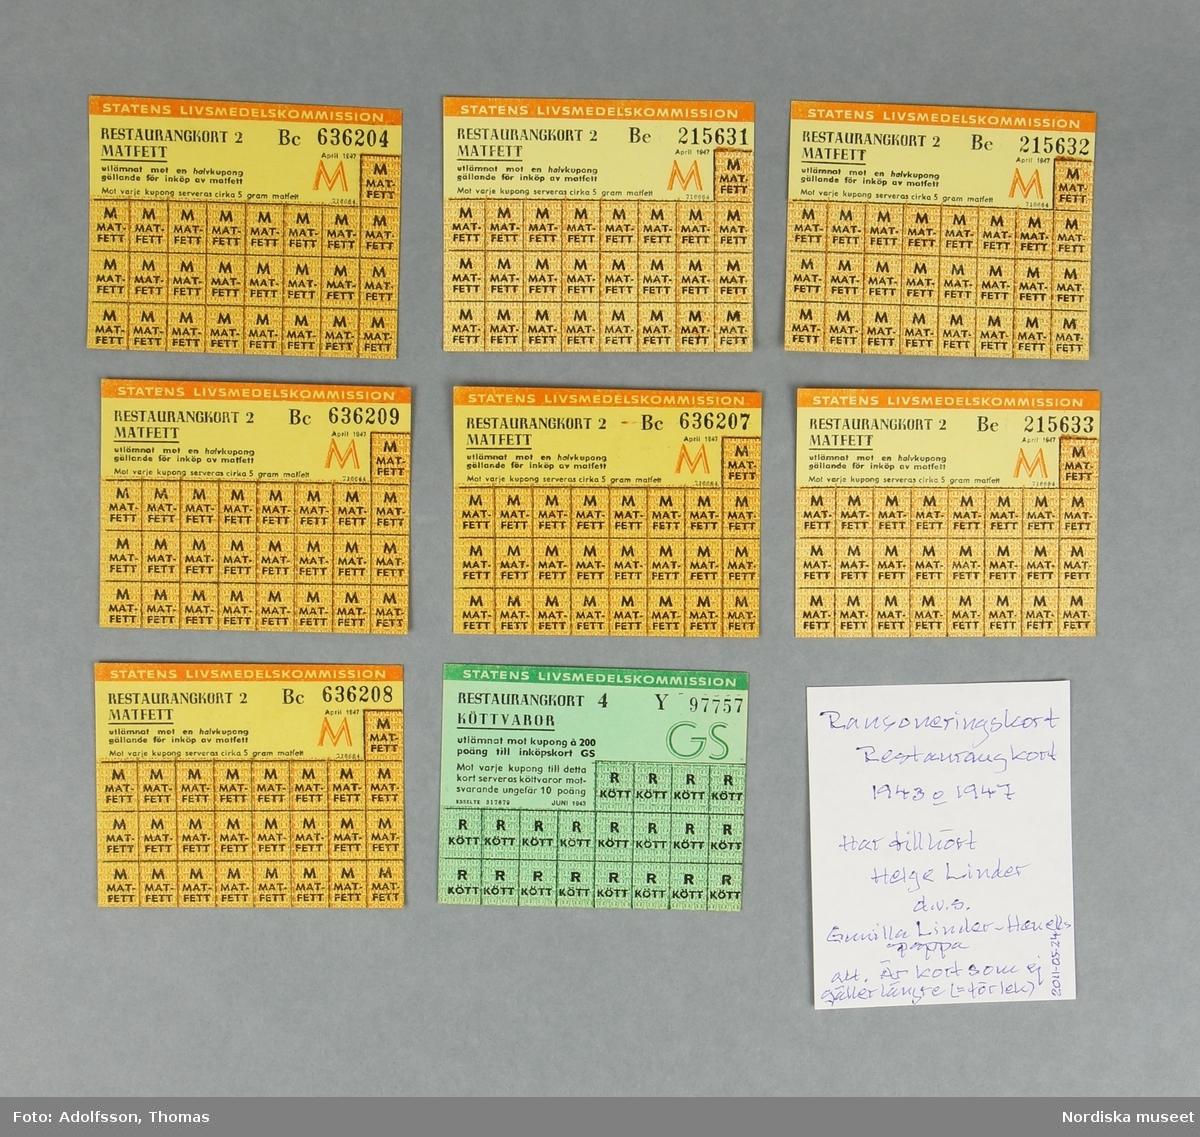 a) Plånbok av papp med spiralrygg av metall, för förvaring av ransoneringskort. I plånboken ligger b:1-51) 51 kort eller delar av ransoneringkort, c:1-7) 7 mindre fragment/rutor av ransoneringskort samt d:1-2) personkort och e) bilaga till personkort. Givaren har bifogat f:1-9) kortare beskrivning av de respektive korten. Beskrivningarna förvaras i plånboken. /Cecilia Hammarsten-Larsson 2019